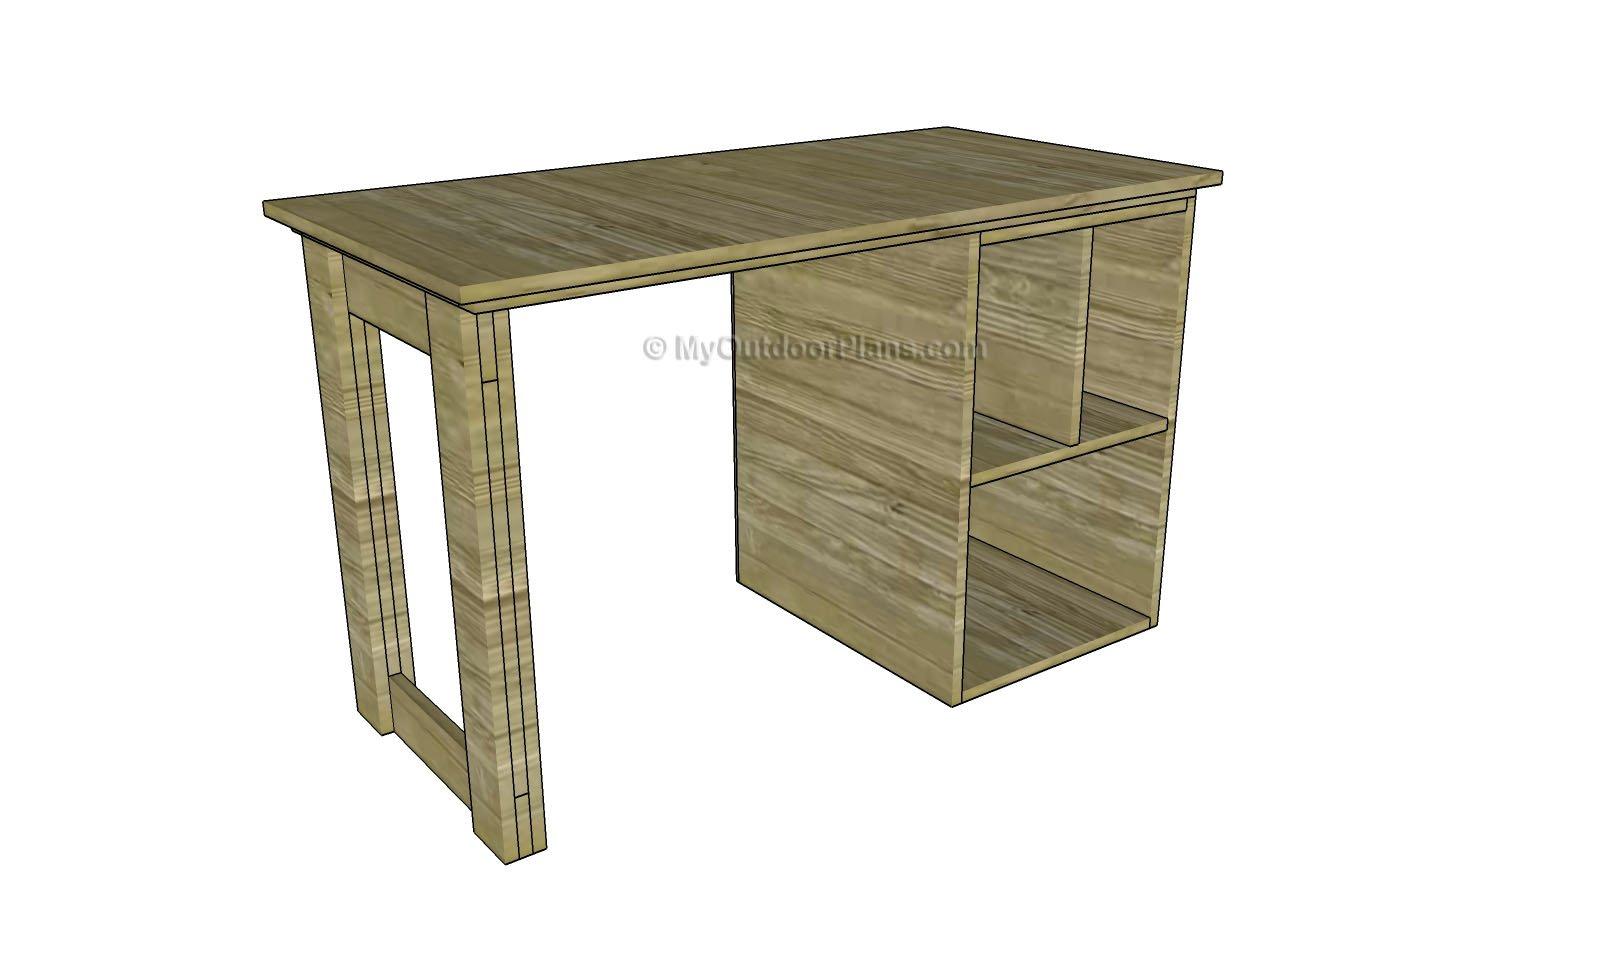 Wood Desk Plans